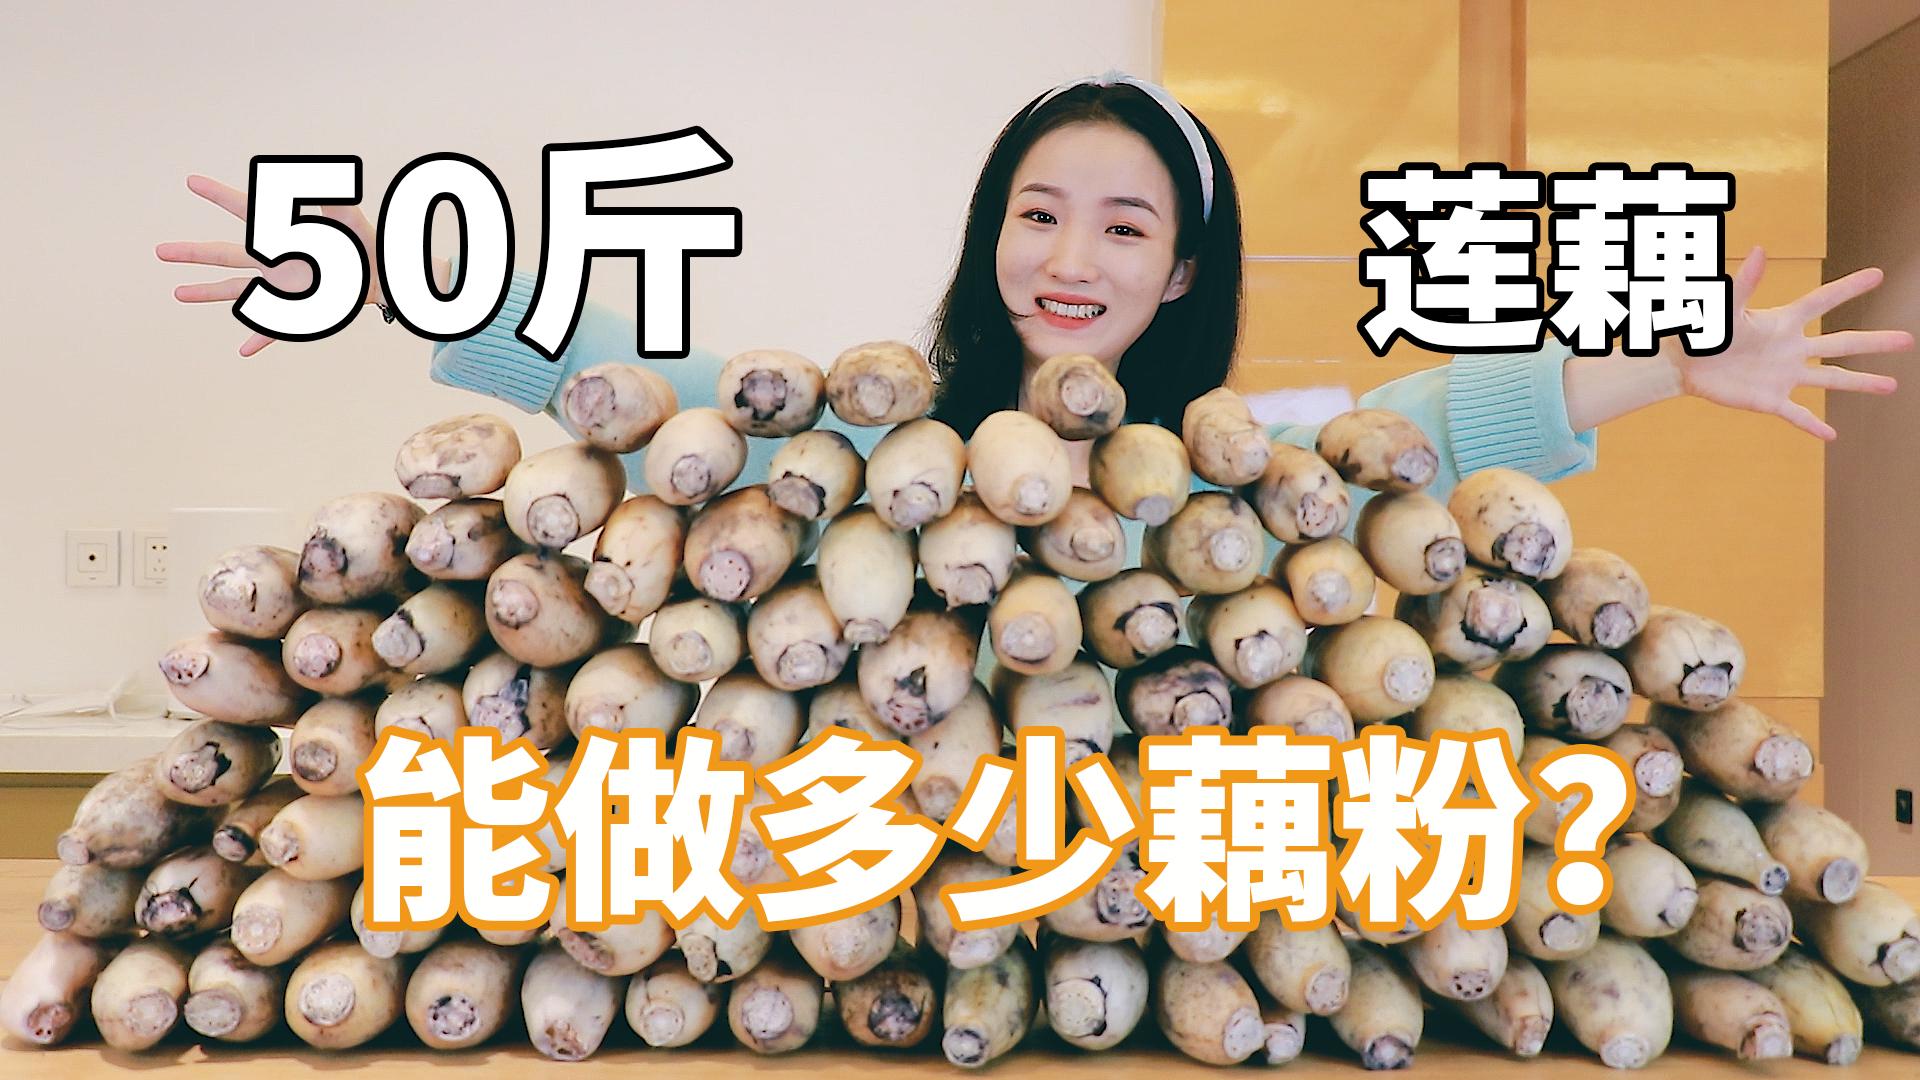 一姑娘花500块买了50斤莲藕,花4天时间做成藕粉,到底能做多少?